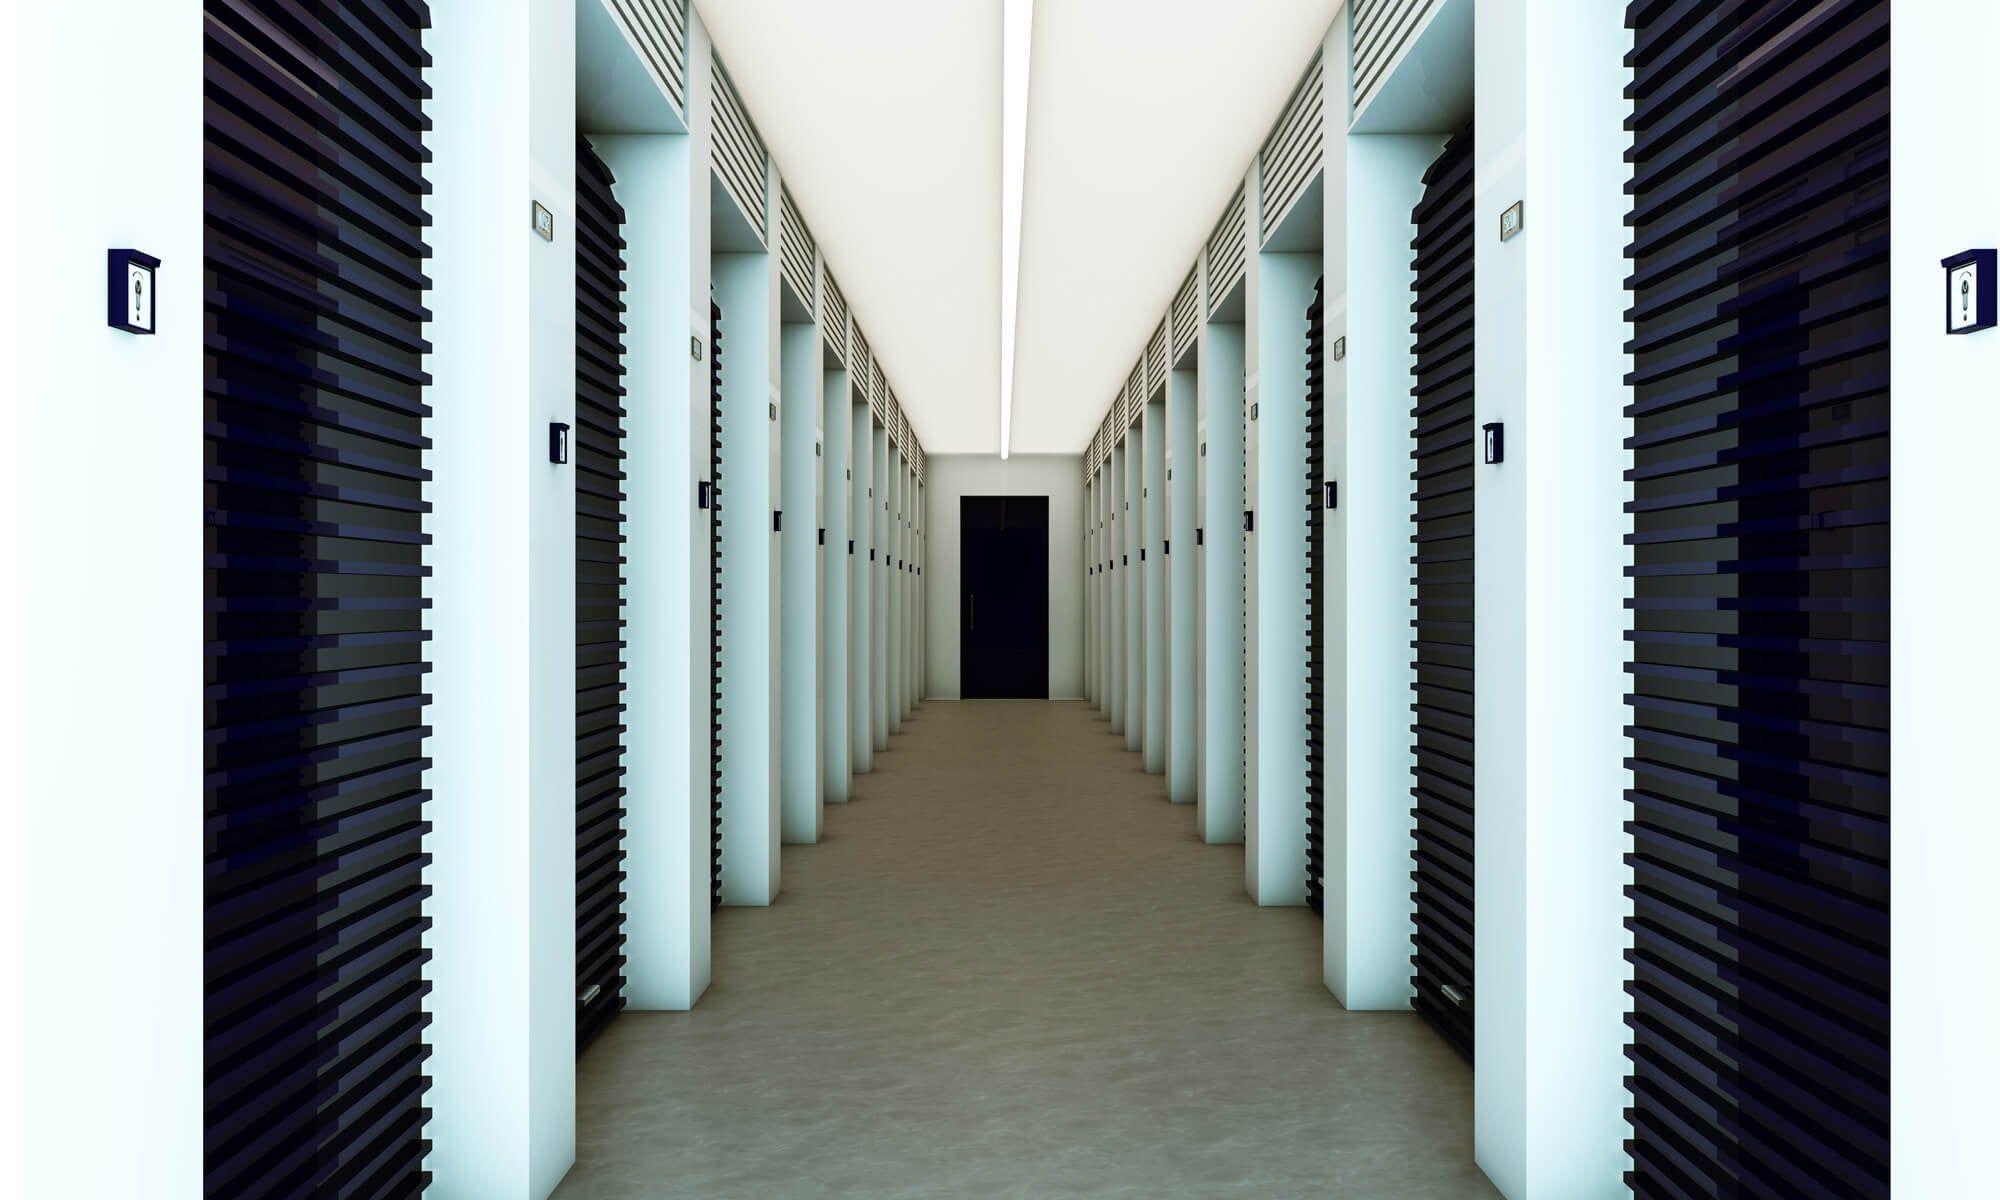 Entenda como um Self Storage pode reduzir os custos da empresa